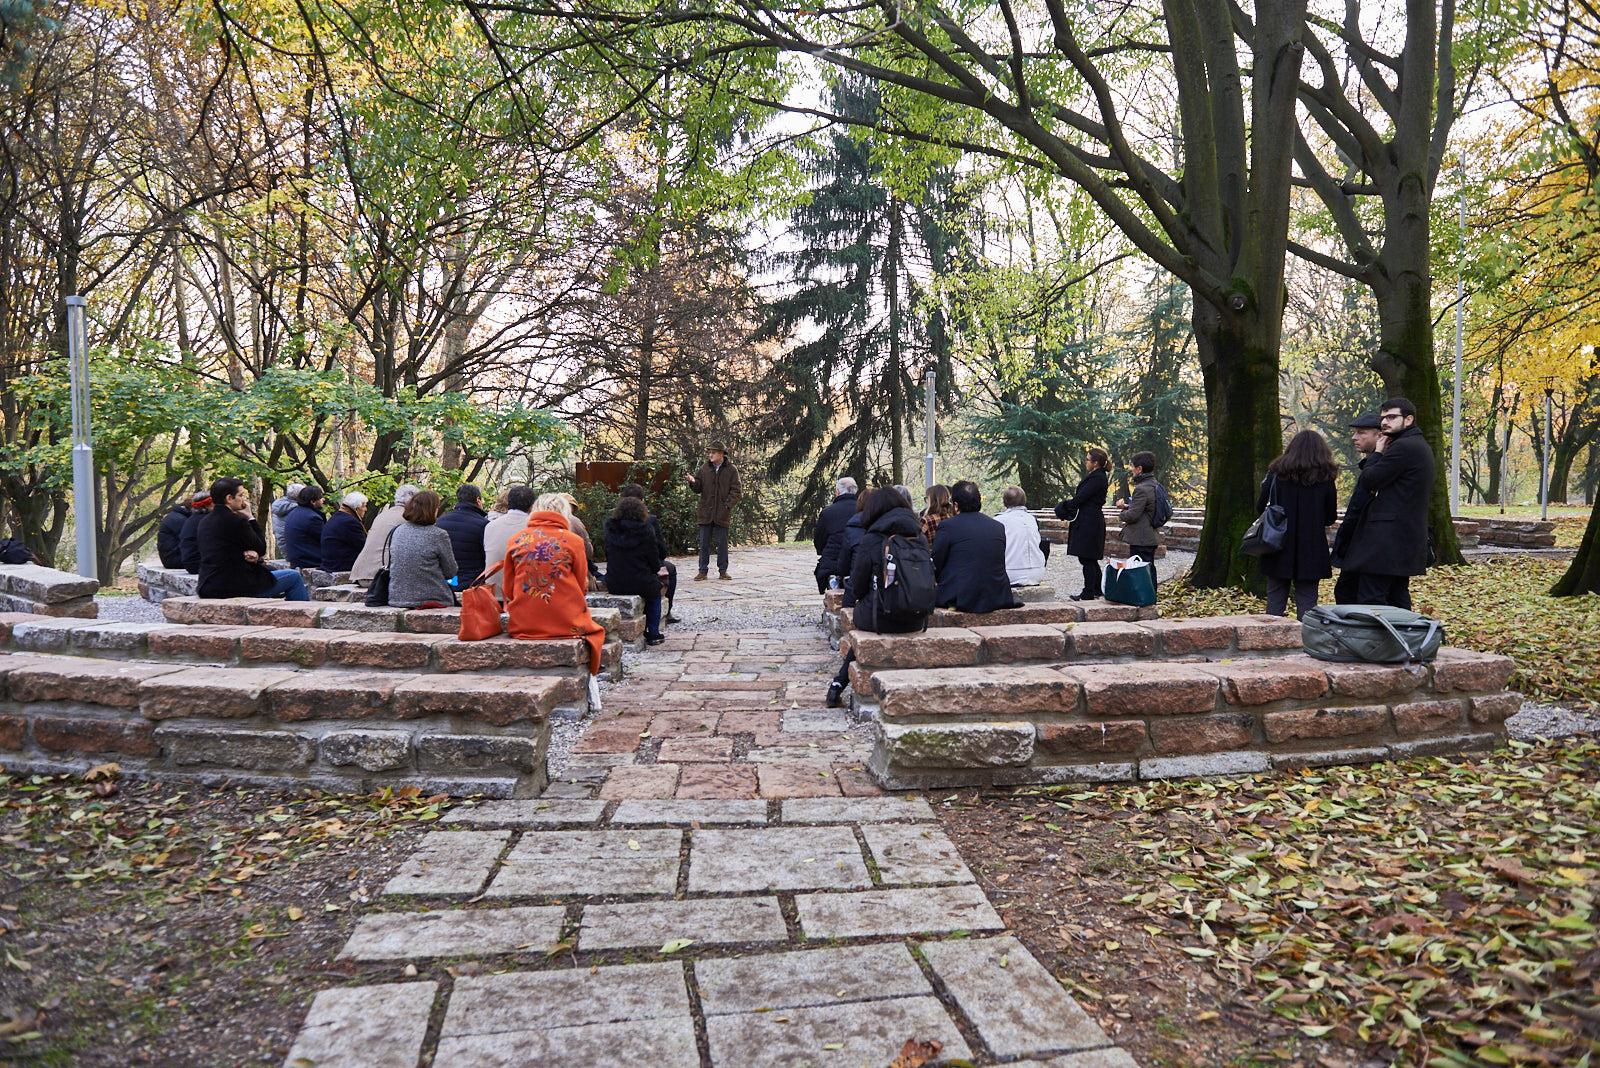 Nell'Anfiteatro dedicato a Ulianova Radice, co-fondatrice e direttrice di Gariwo scomparsa nel 2018